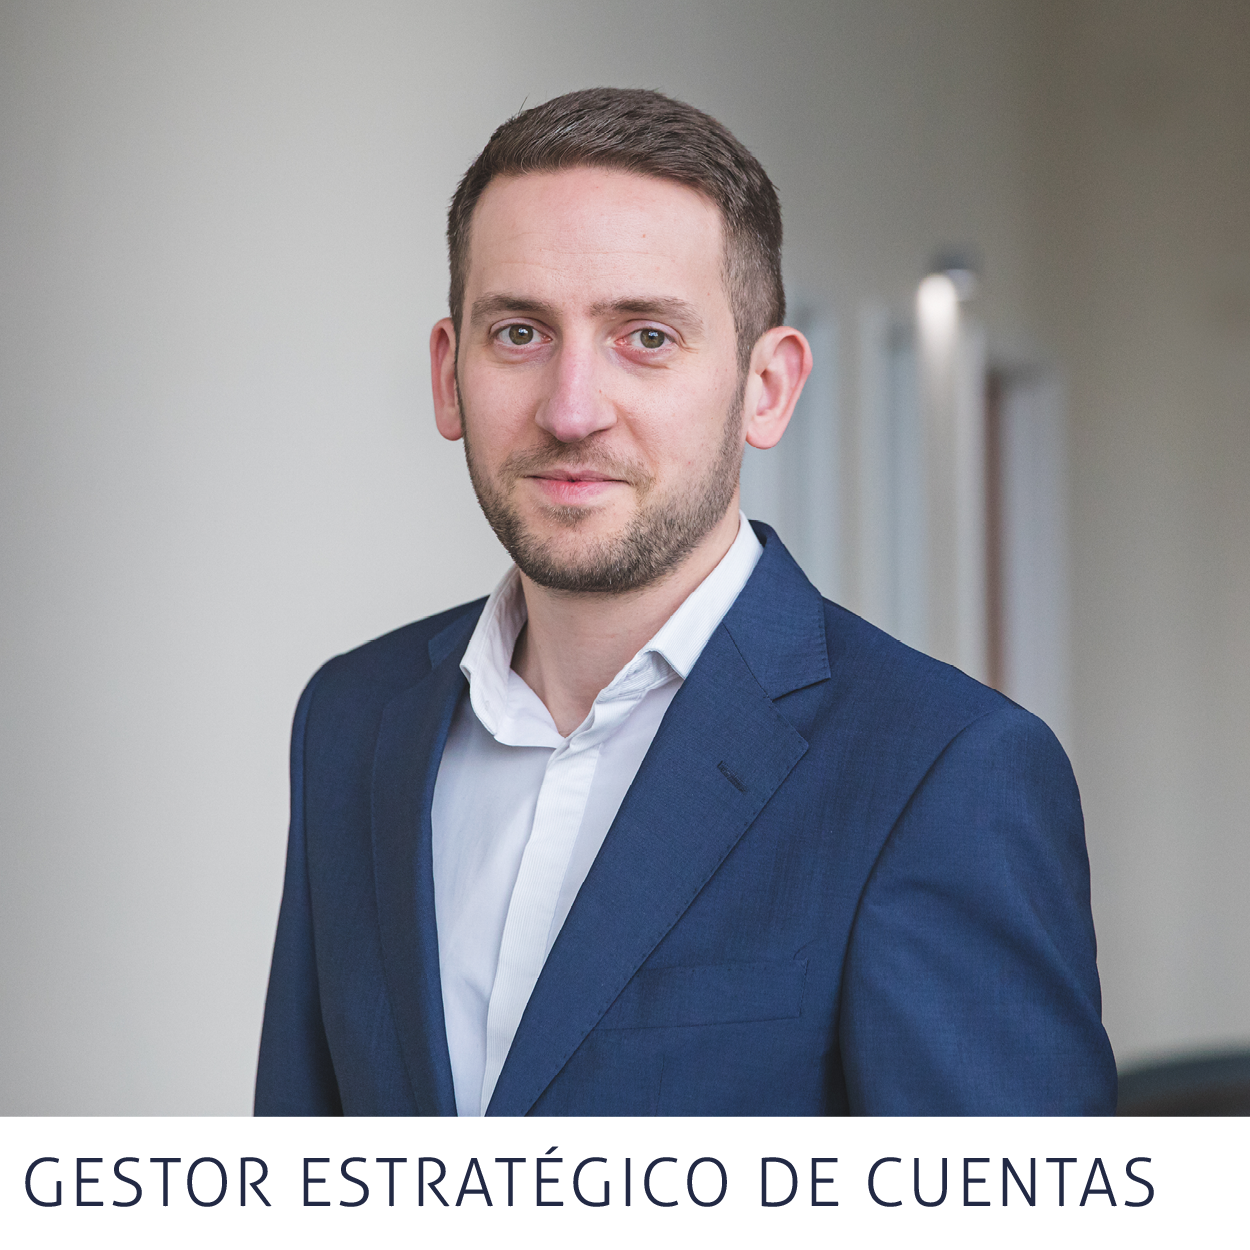 Billy Kontoulis, Gestor Estrategico de Cuentas